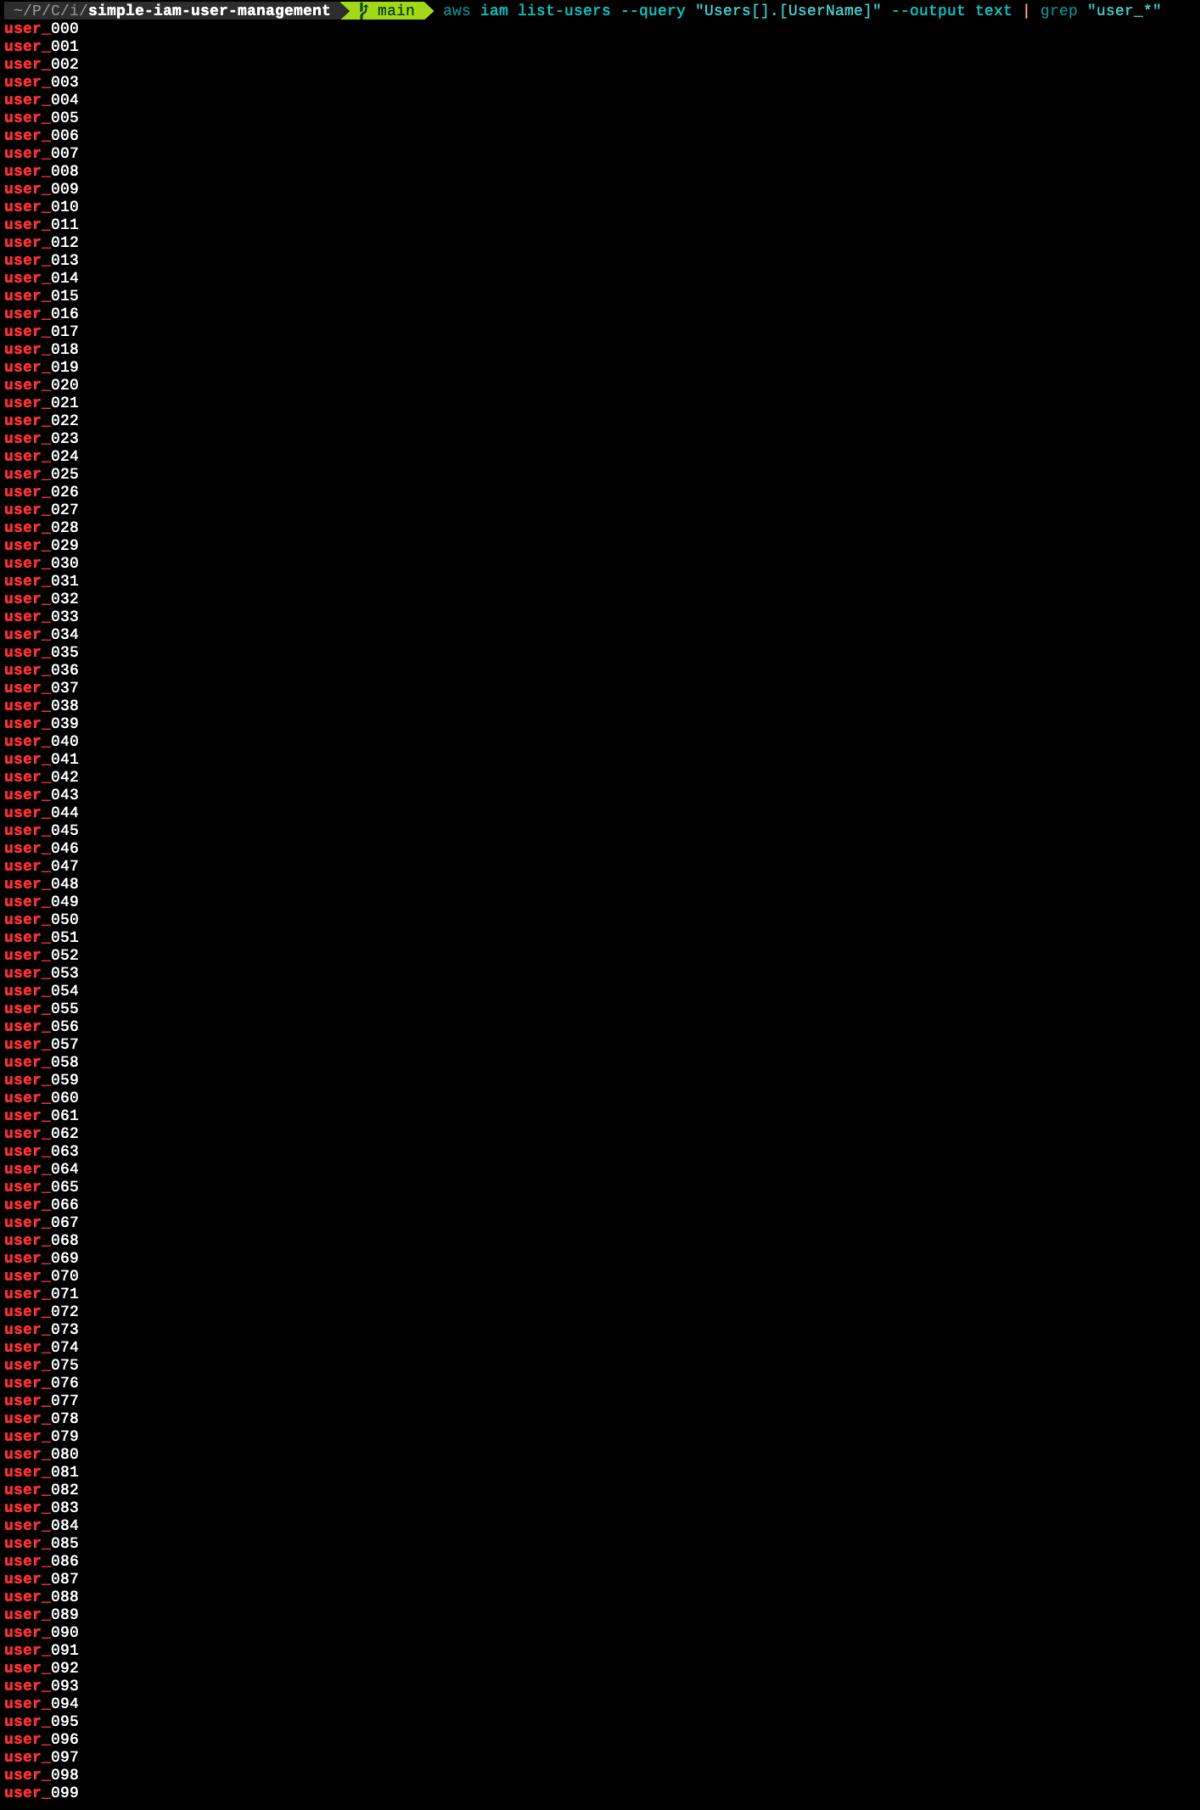 Screen Shot 2020-11-28 at 18.13.41.png